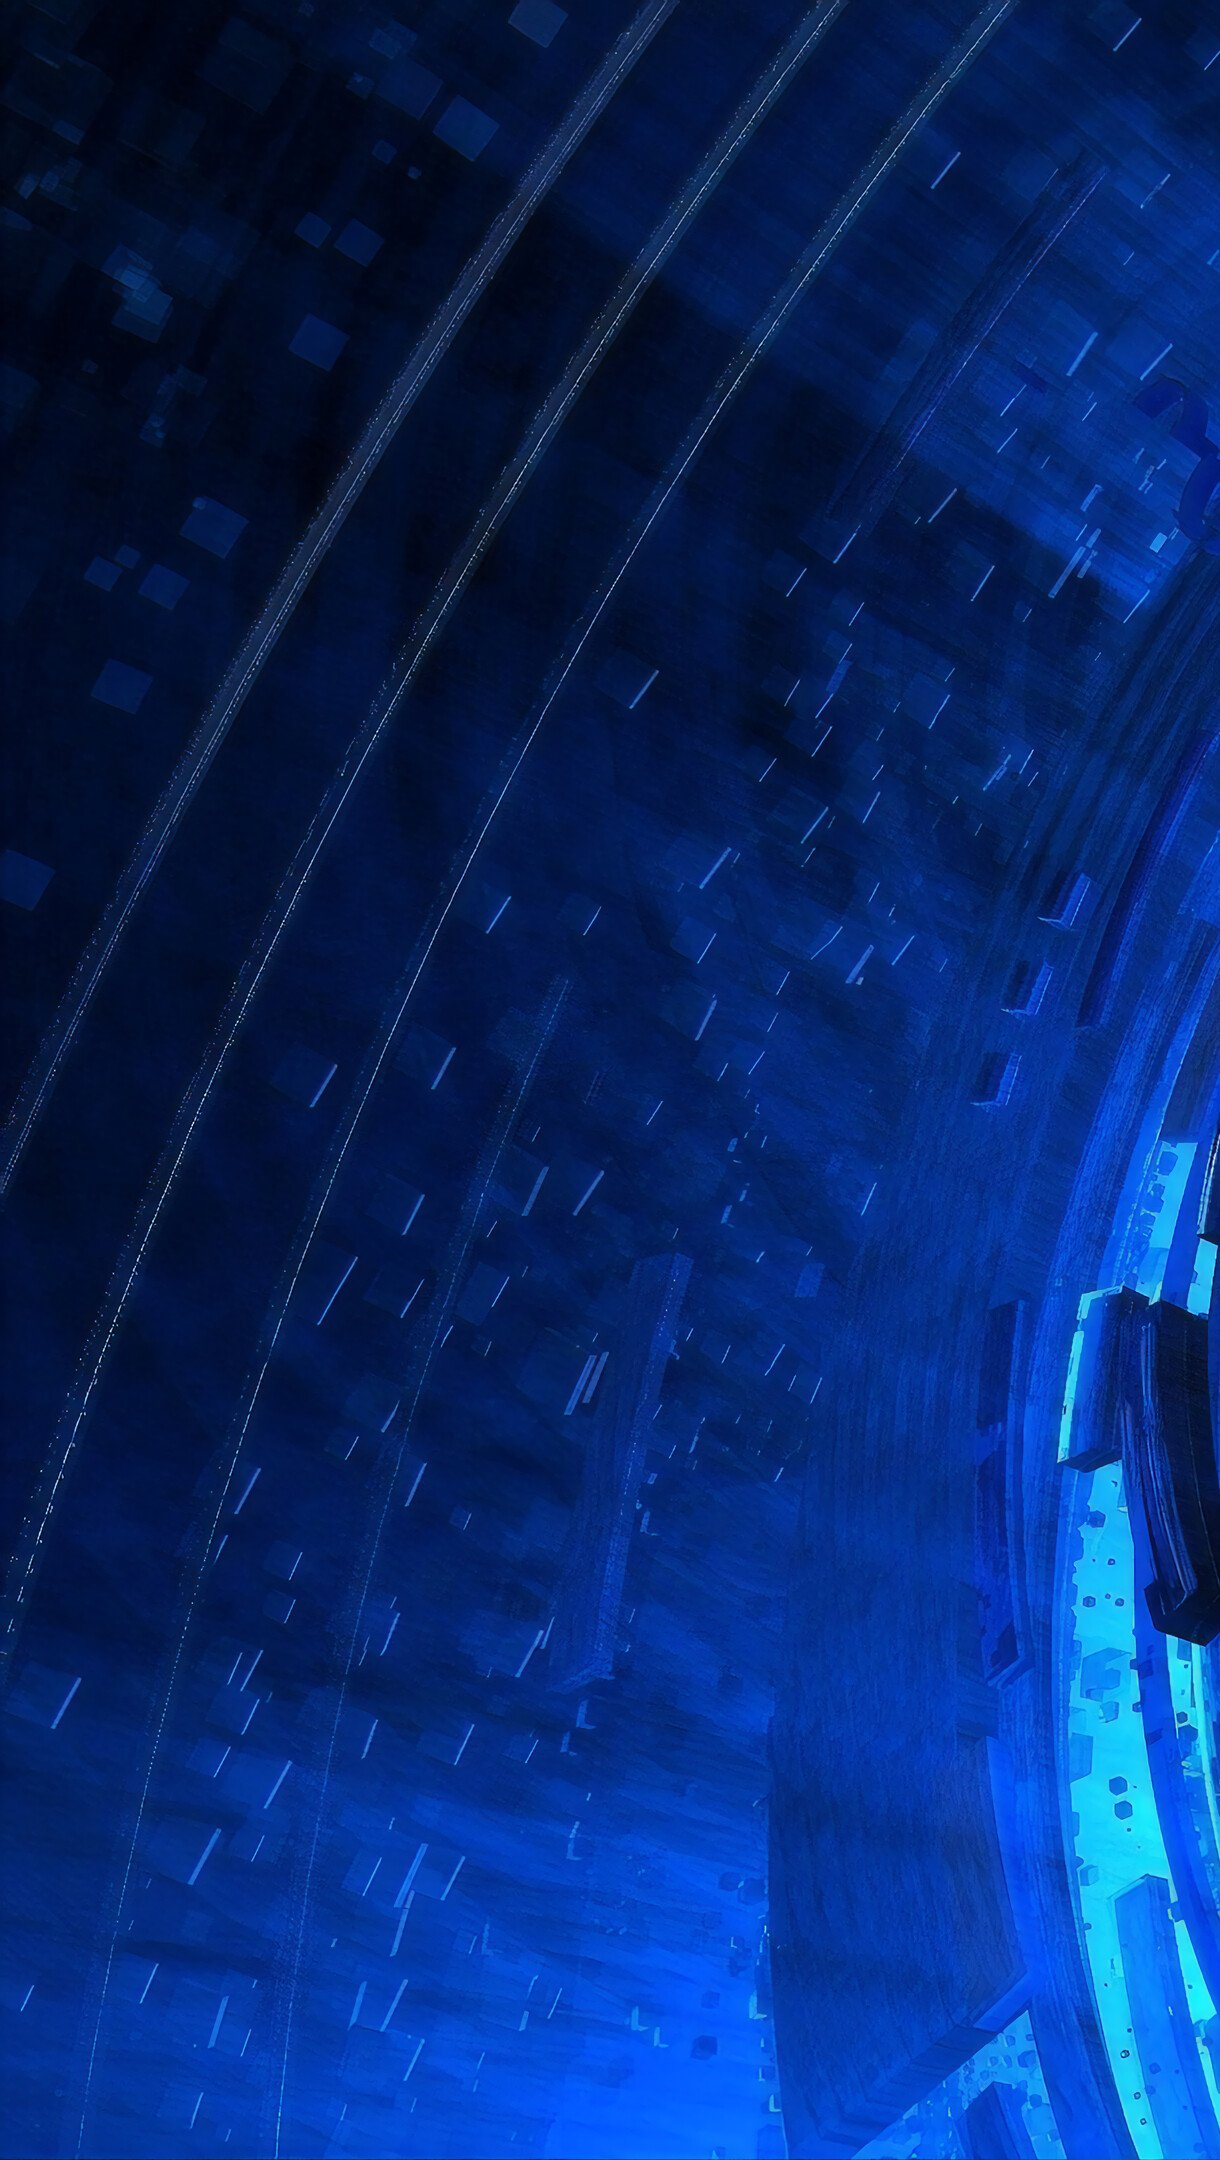 Fondos de pantalla Espiral tecnológico Vertical